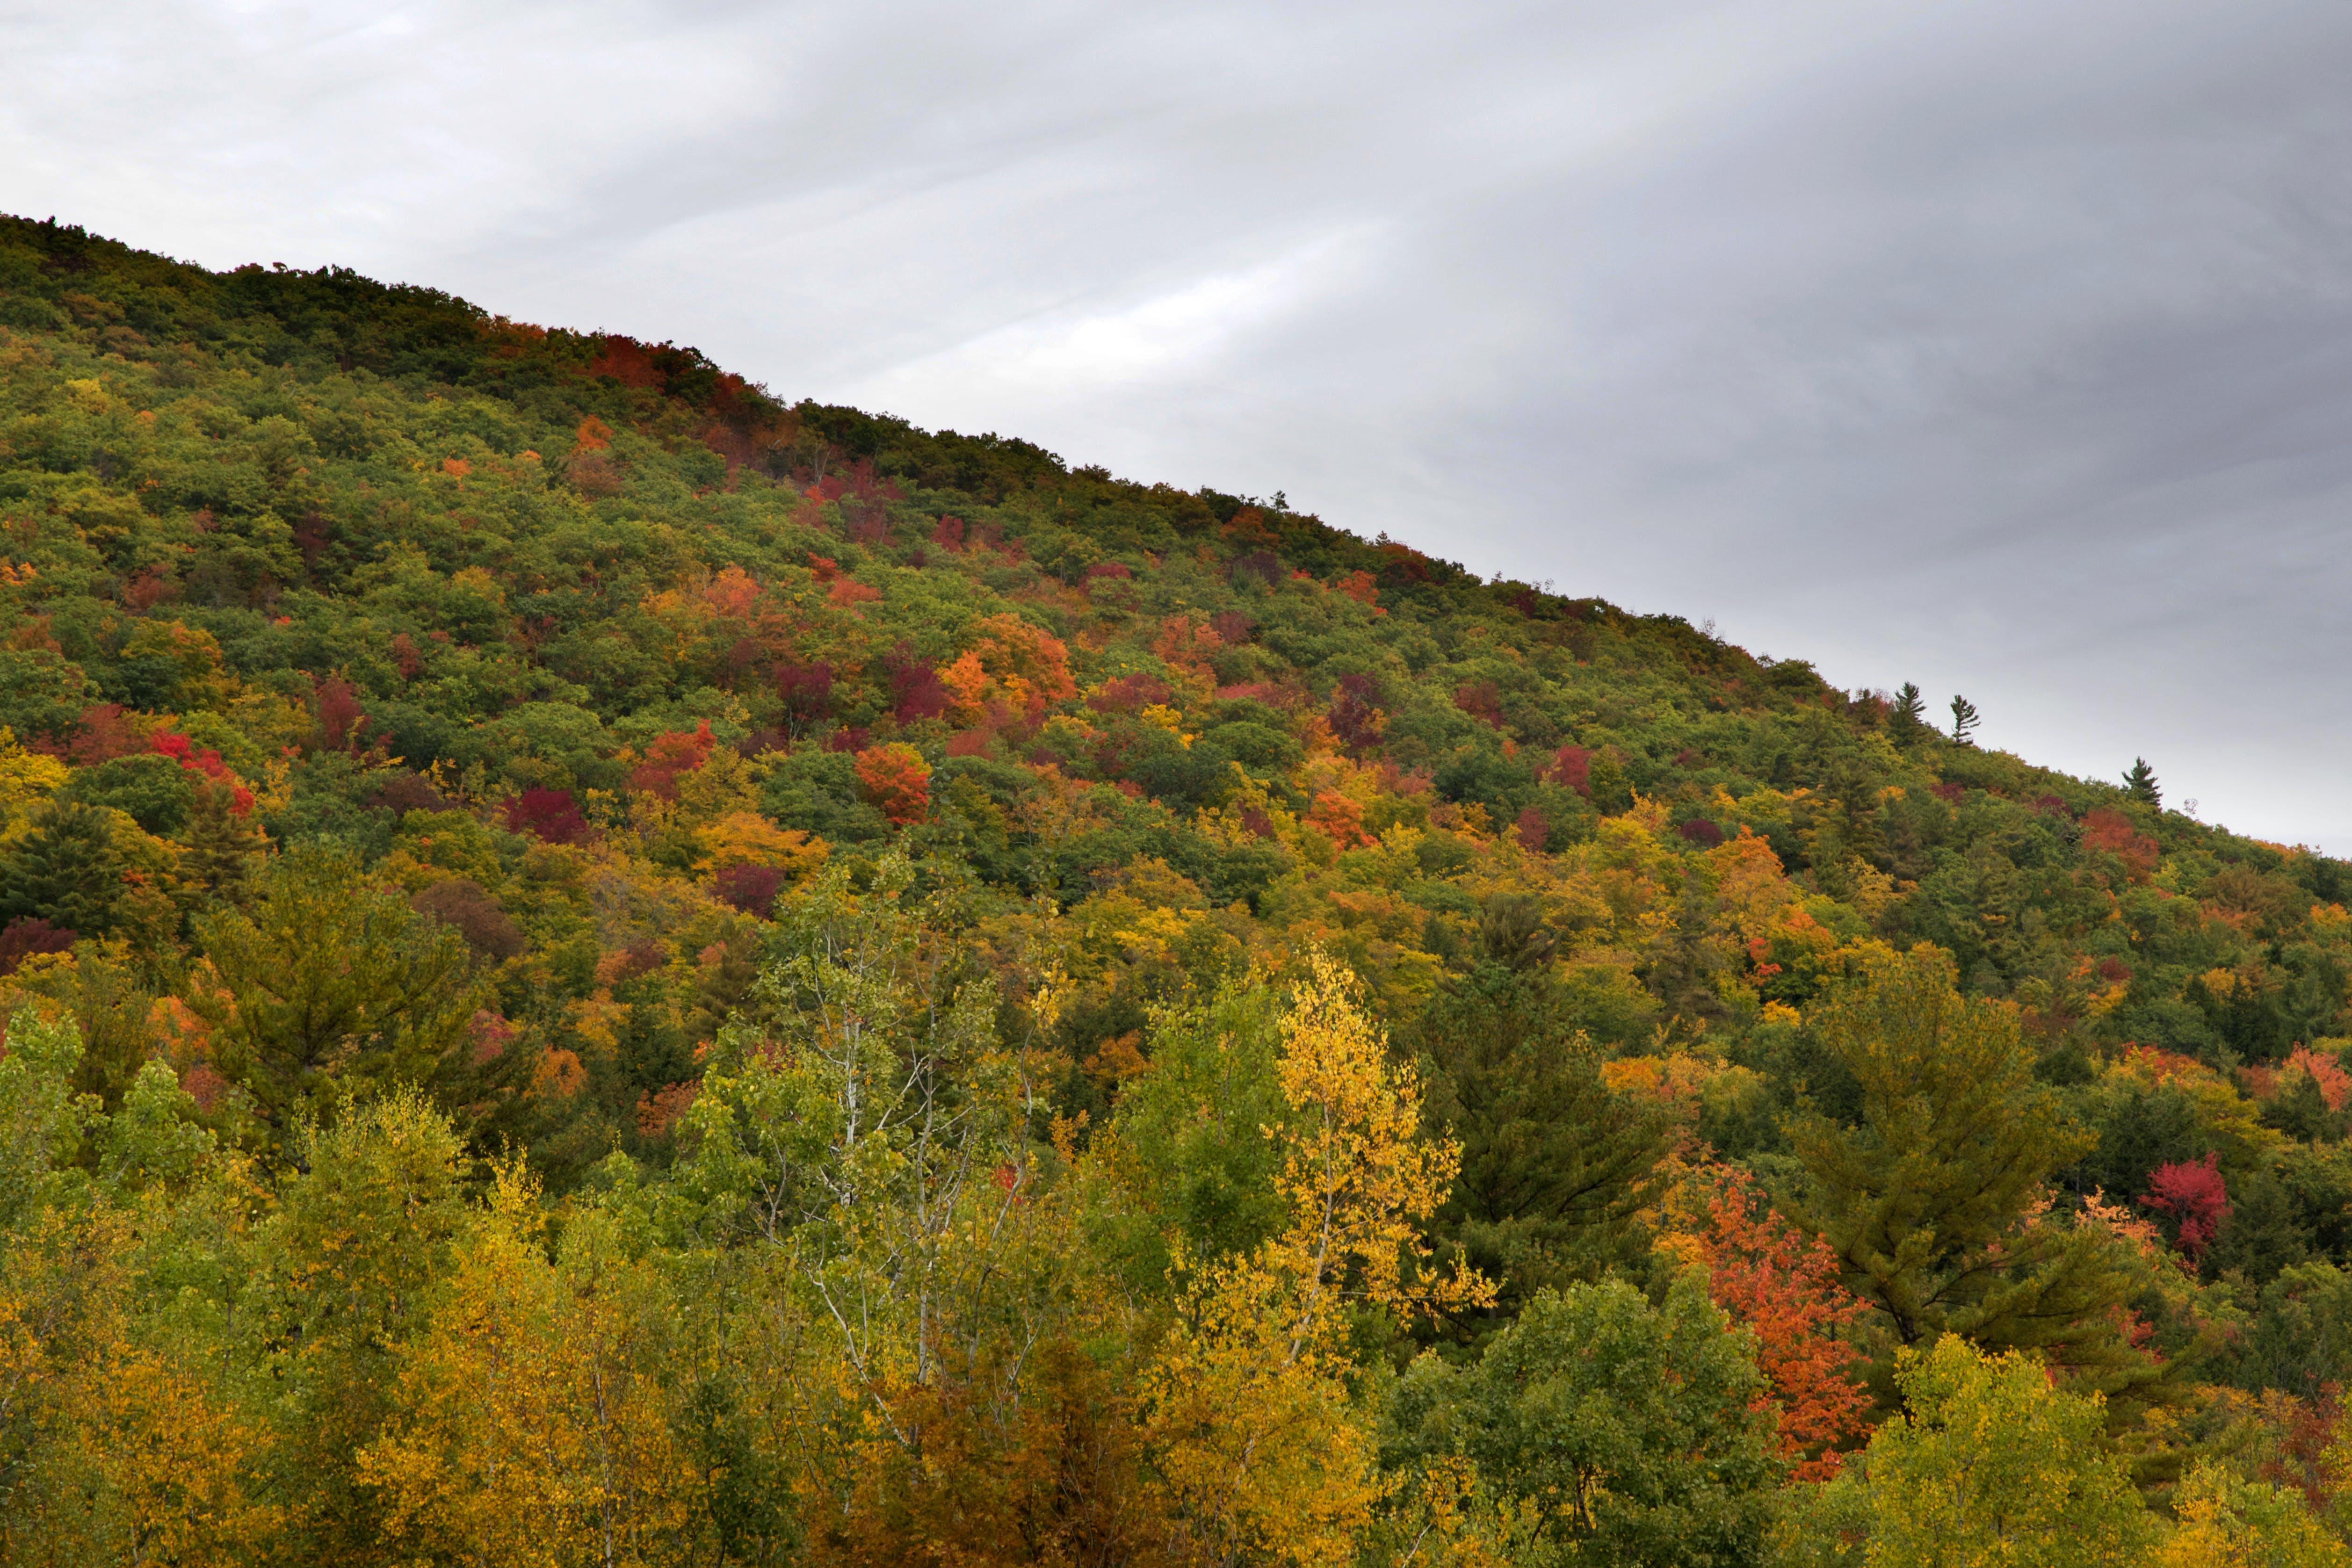 ağaçlar, bitki örtüsü, dağ, doğa içeren Ücretsiz stok fotoğraf